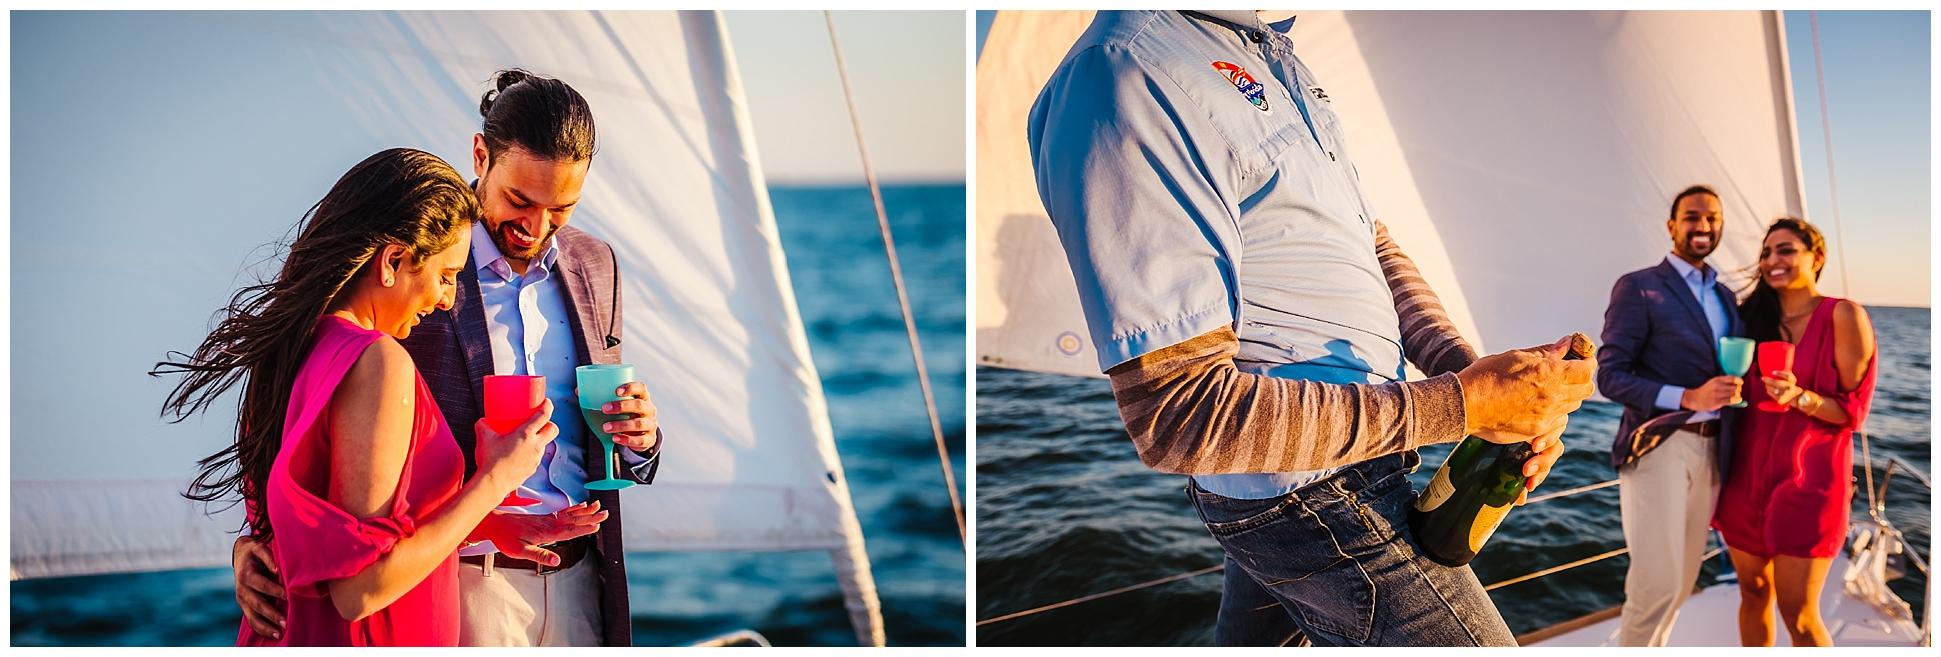 tampa bay-sailboat-sunset-proposal-engagememnt_0012.jpg